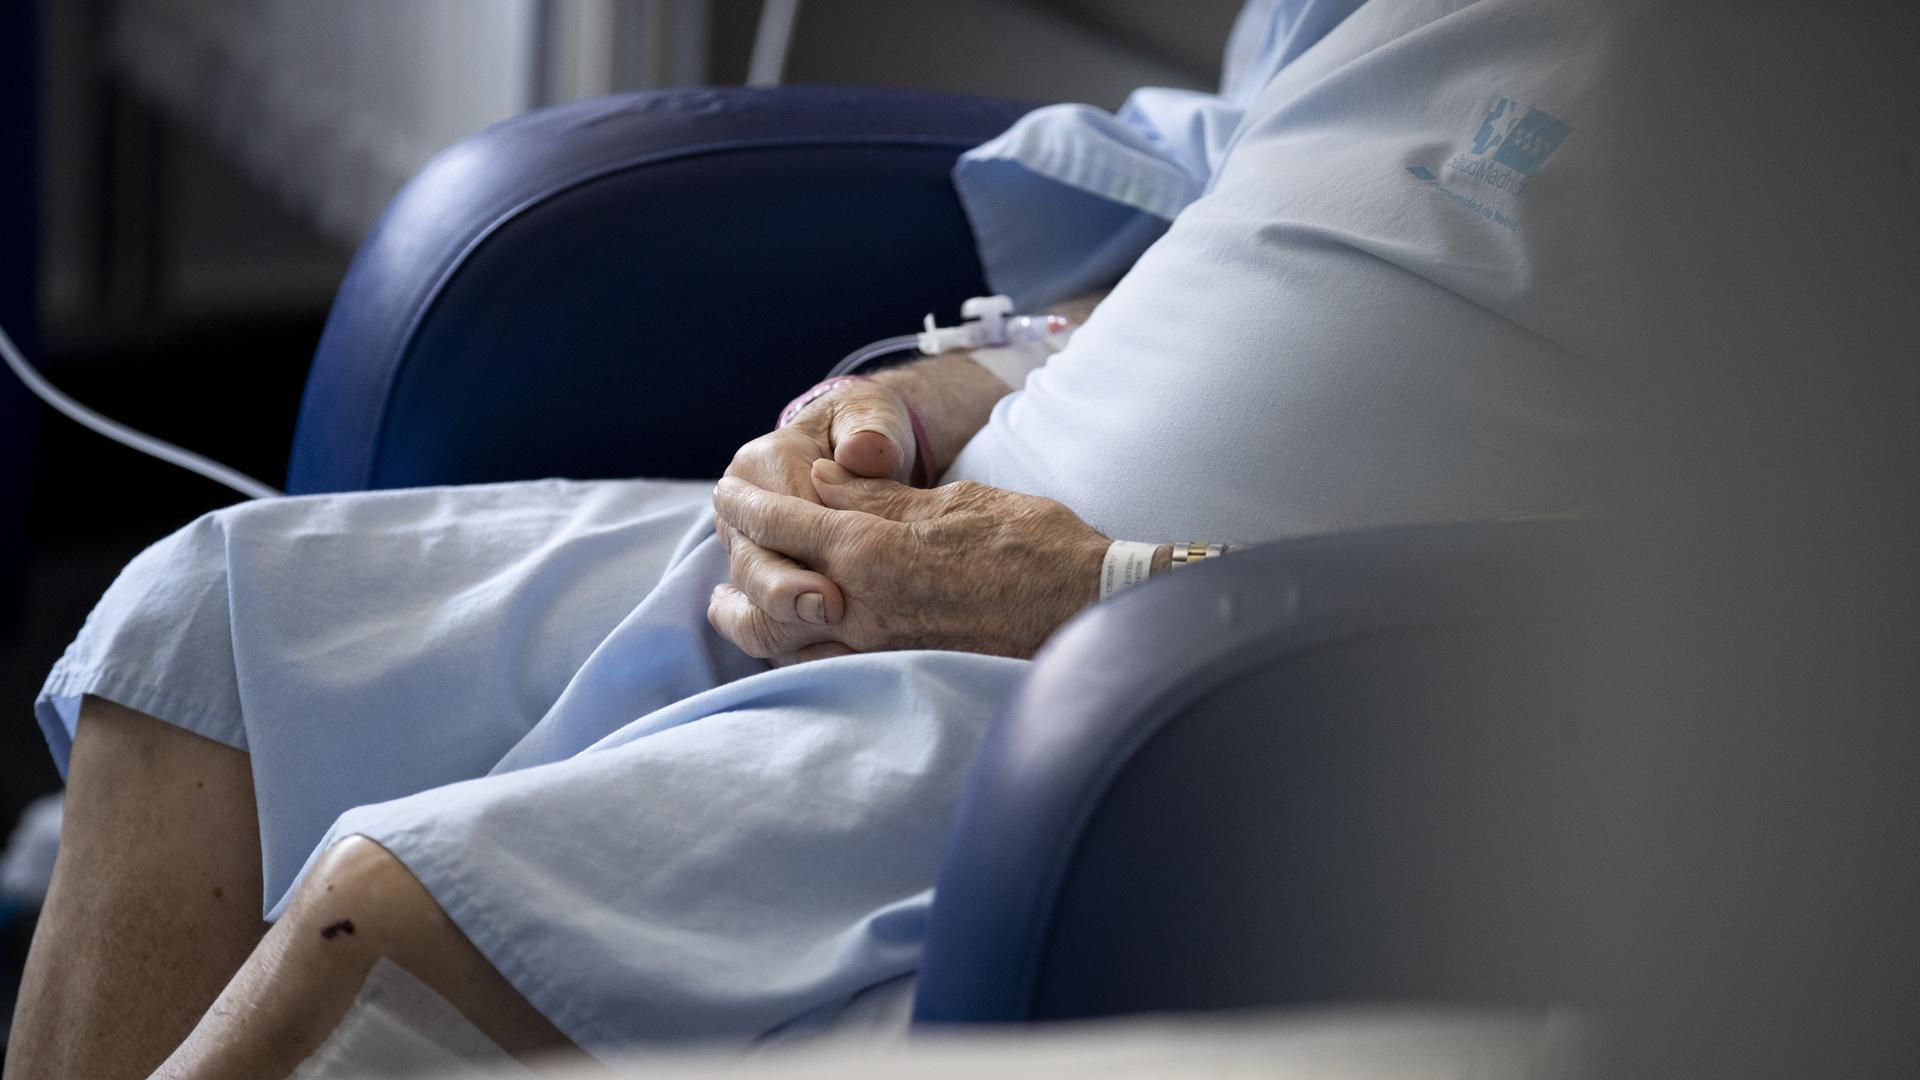 Ein älterer Patient sitzt in einem Krankenhauszimmer